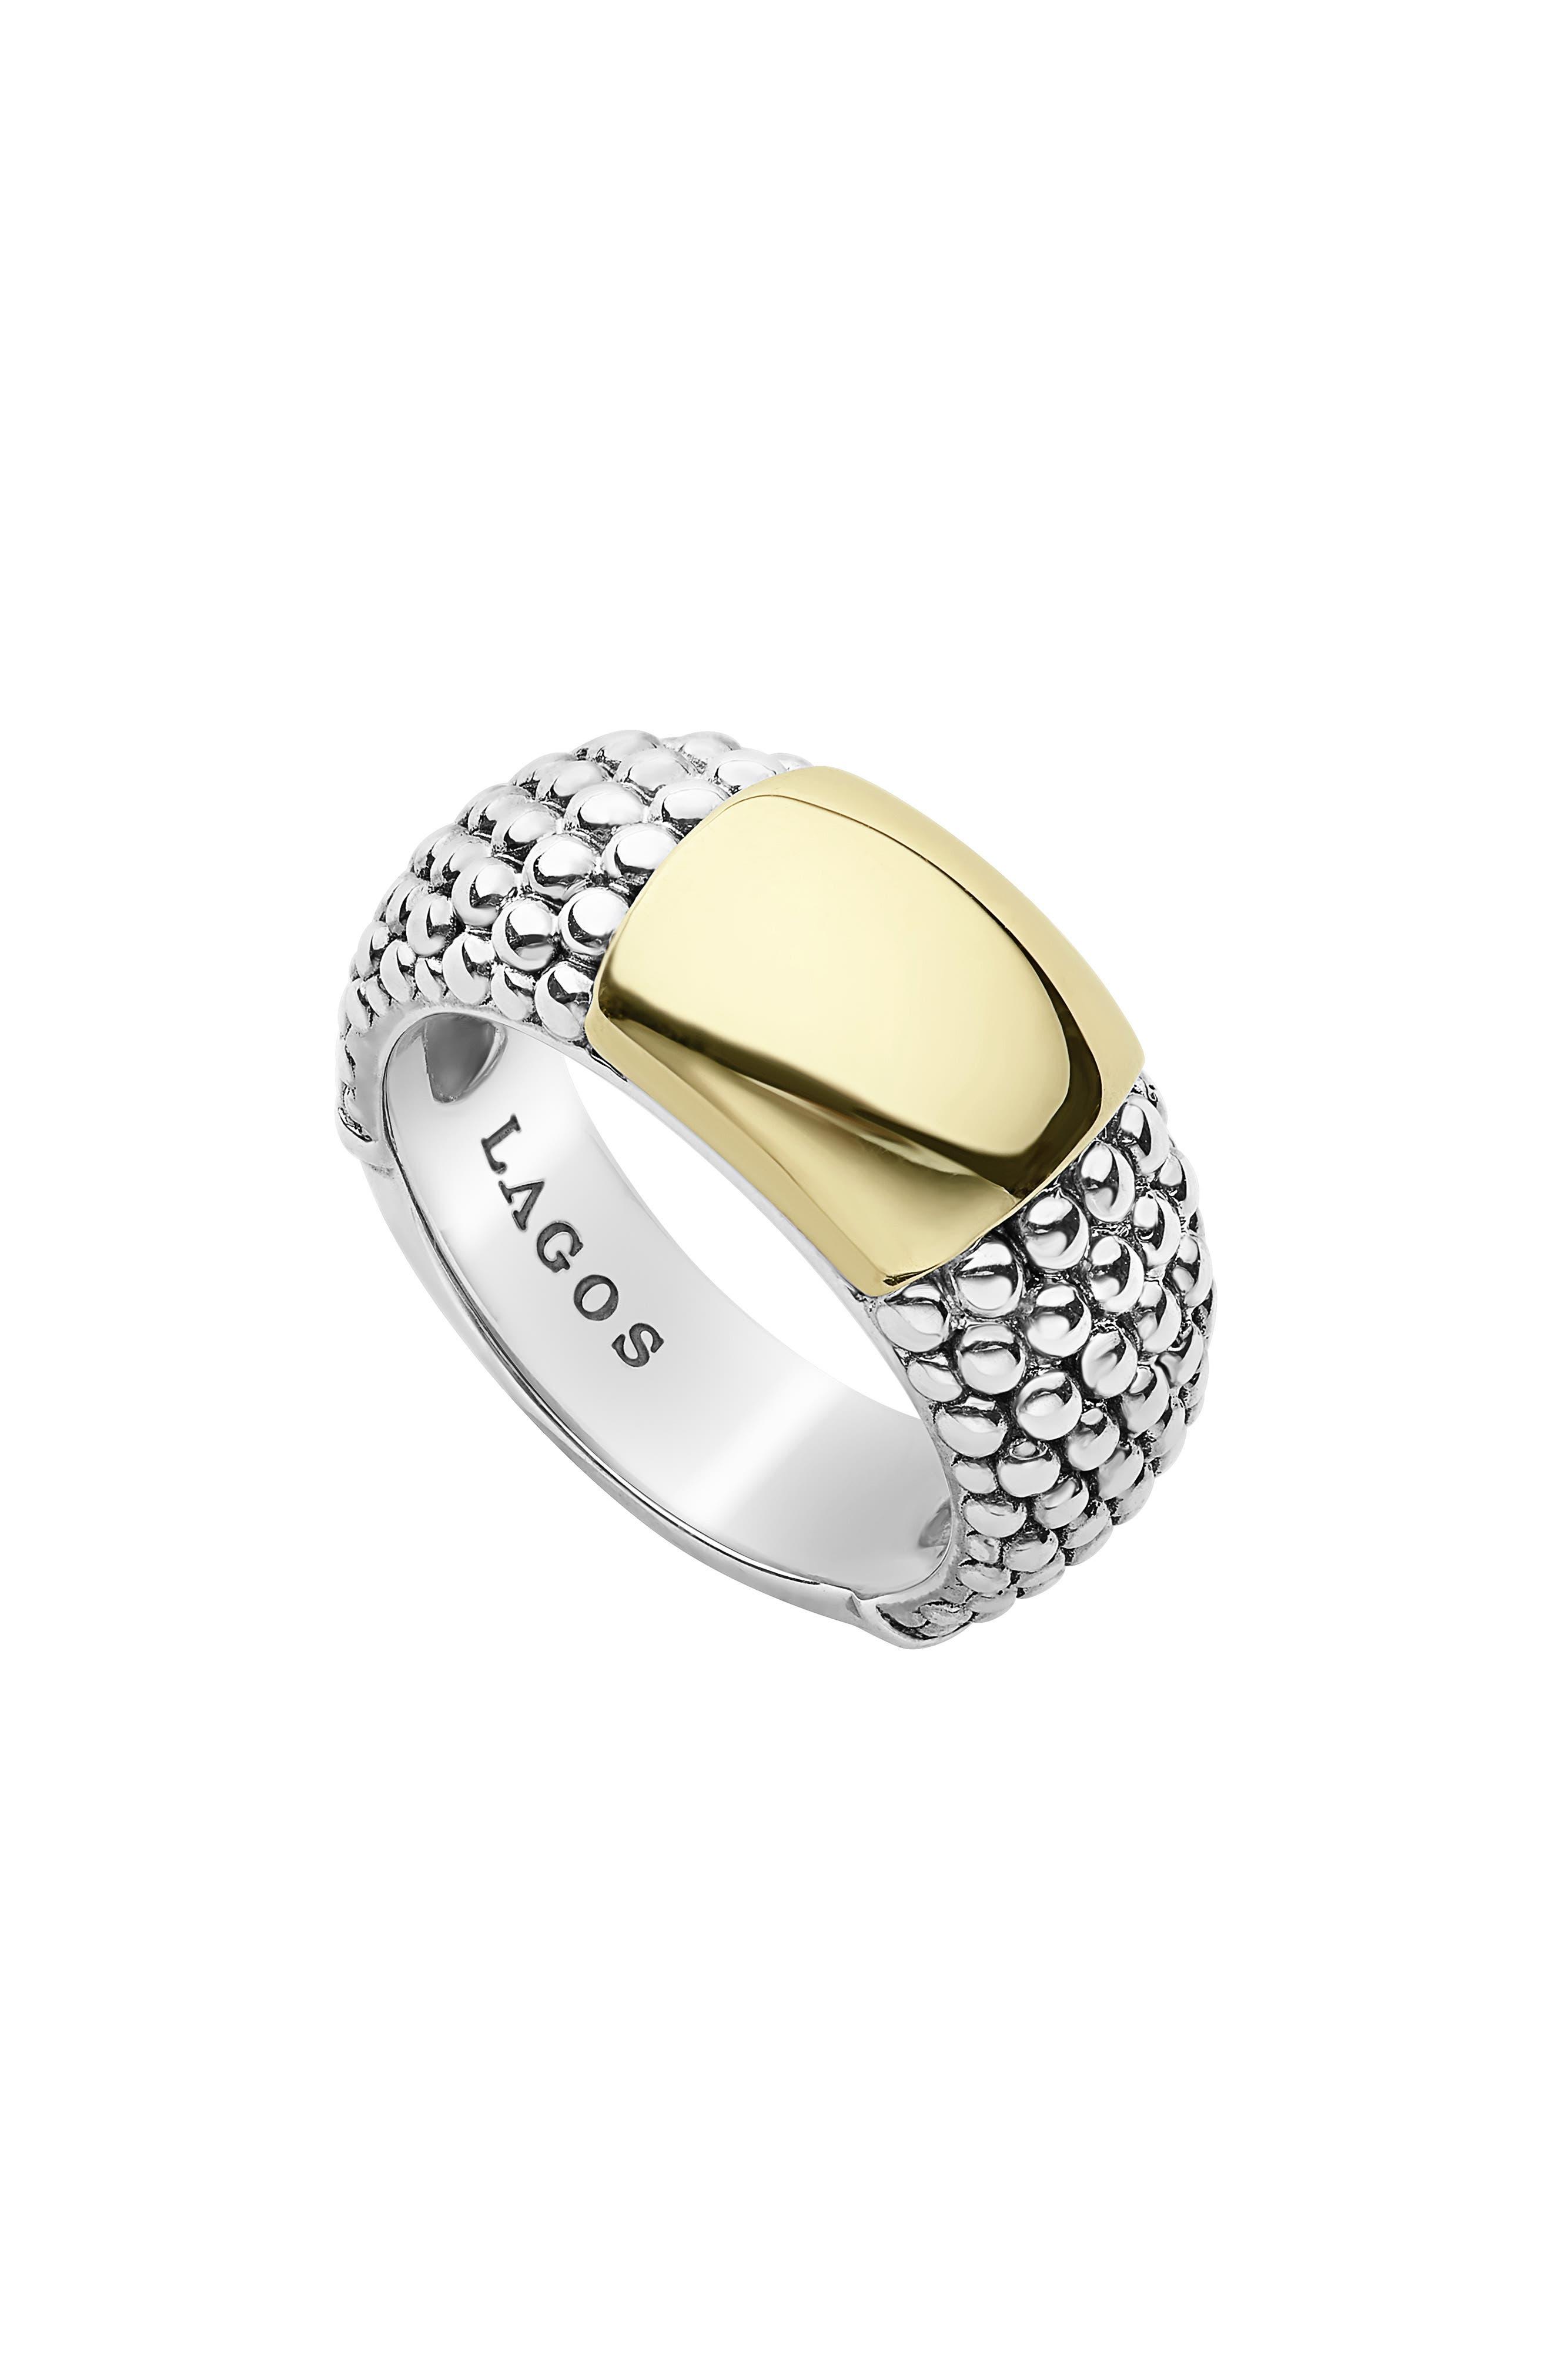 Signature Caviar High Bar Ring,                             Main thumbnail 1, color,                             SILVER/ GOLD